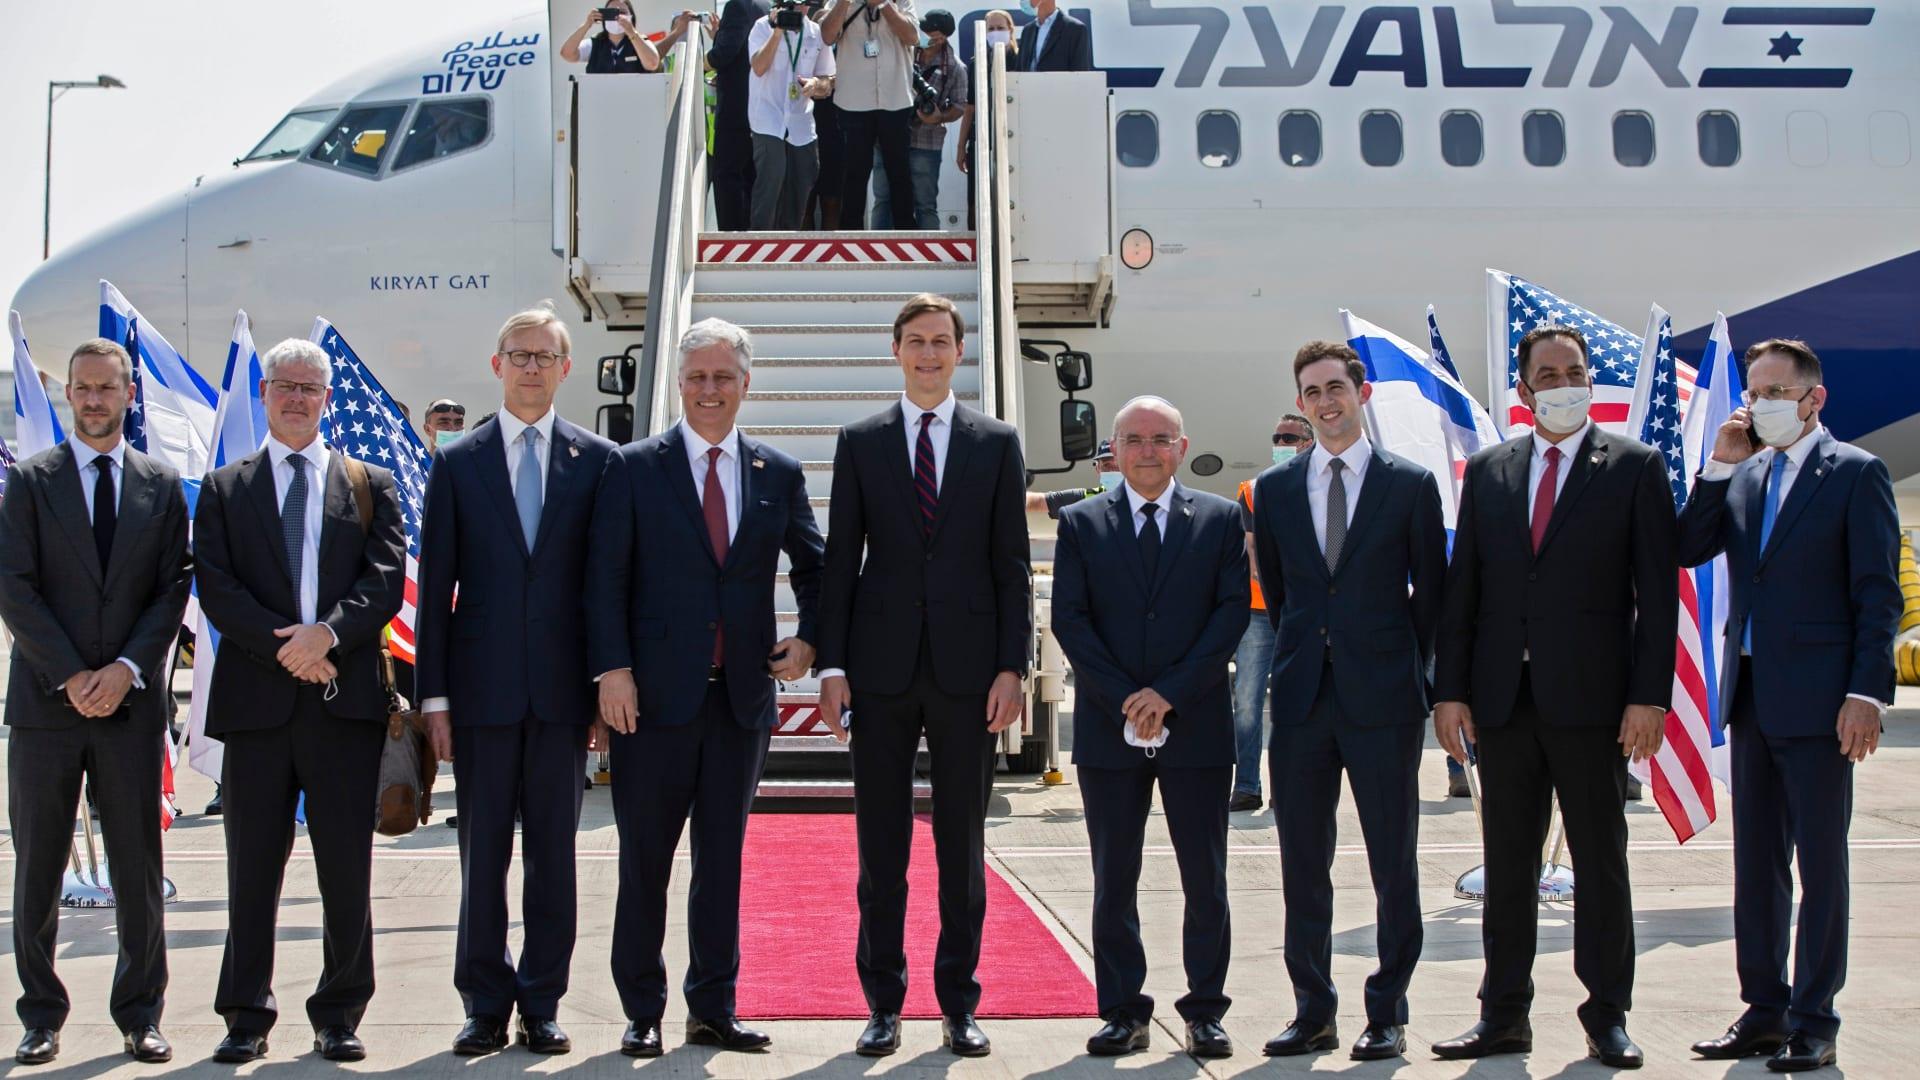 قائد الطائرة المتجهة من إسرائيل إلى الإمارات: أكثر رحلاتي إثارة